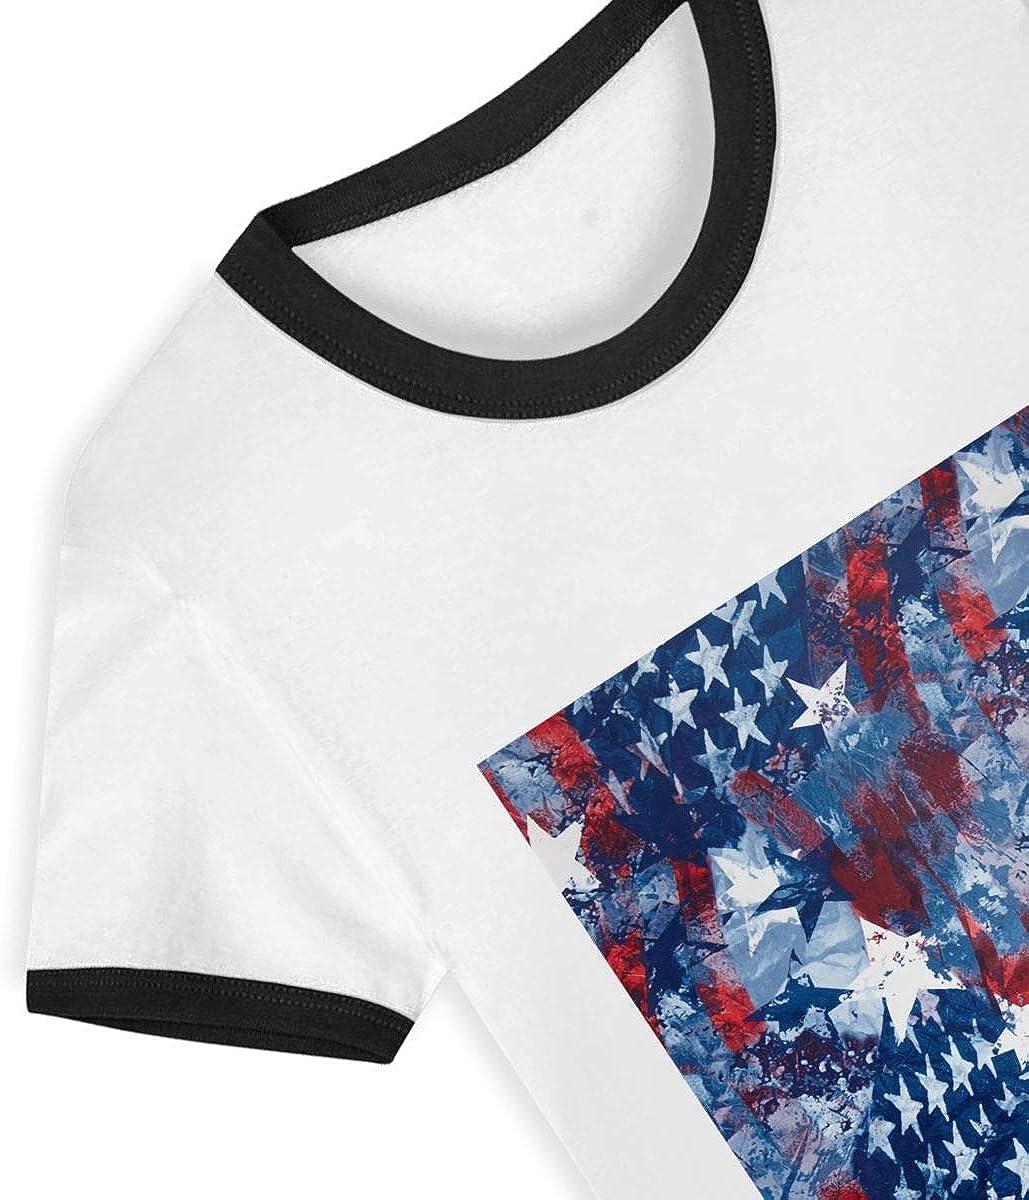 EVAGIBBONS USA American Flag Child Leisure Cute Fashion Life T Shirt